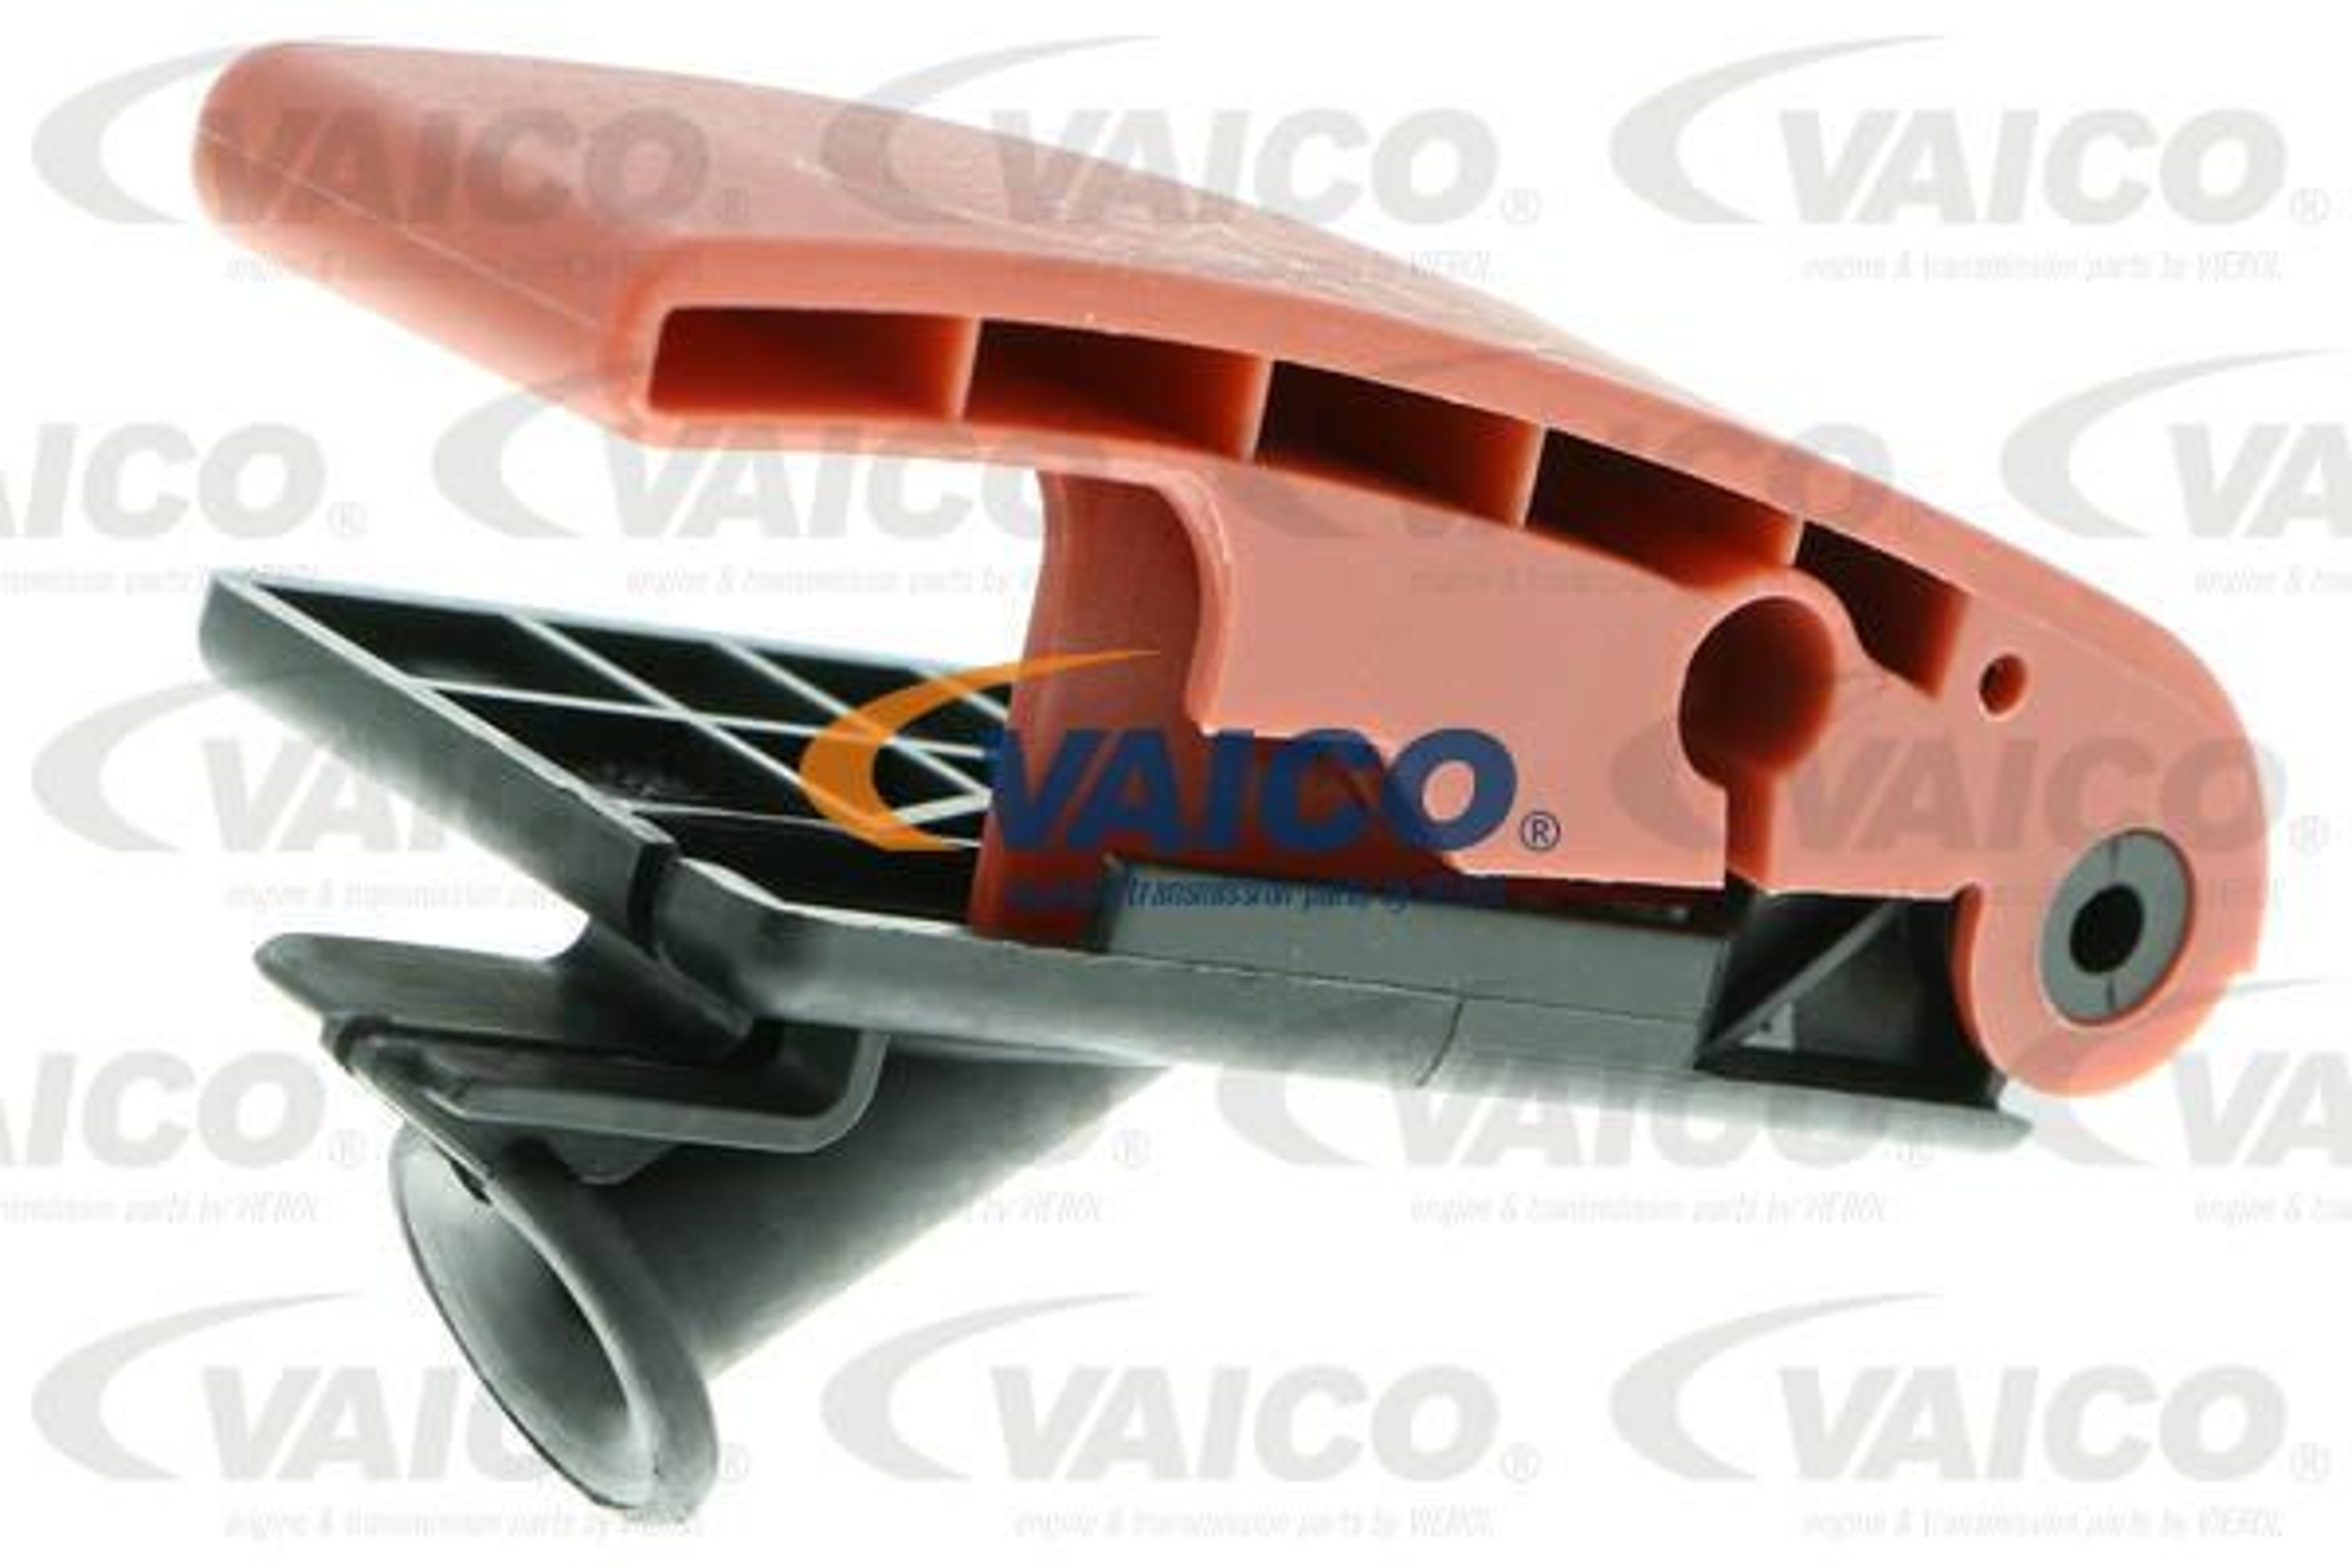 MERCEDES-BENZ SLC 2021 Schiebetürgriff - Original VAICO V30-0978